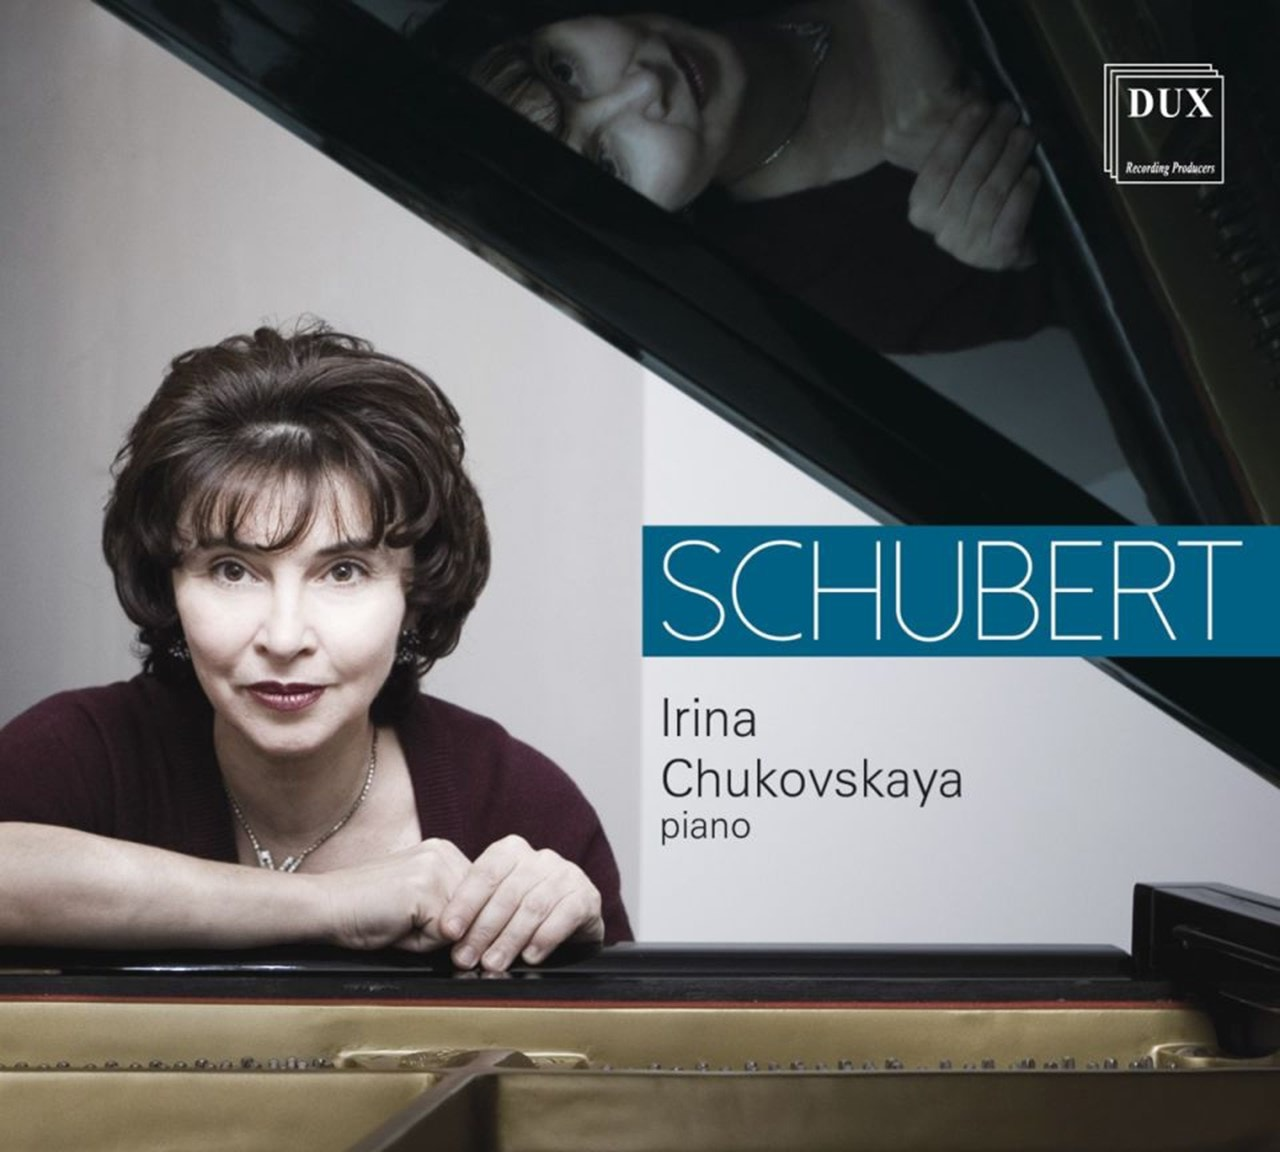 Irina Chukovskaya: Schubert - 1